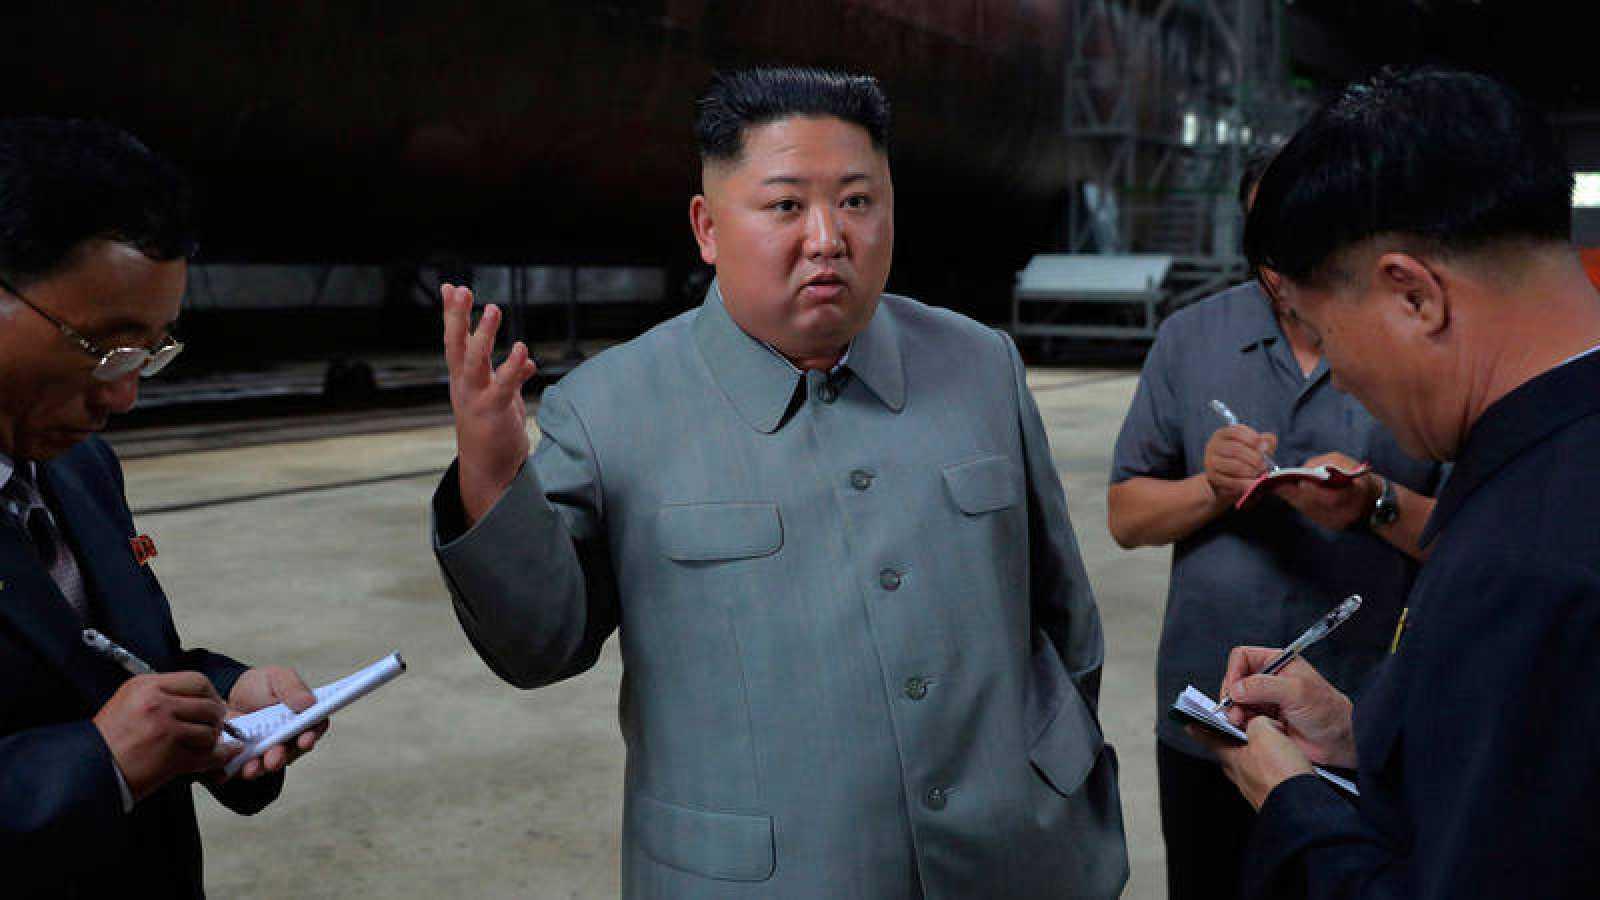 Foto de archivo del líder norcoreano Kim Jong-un inspeccionando un submarino.